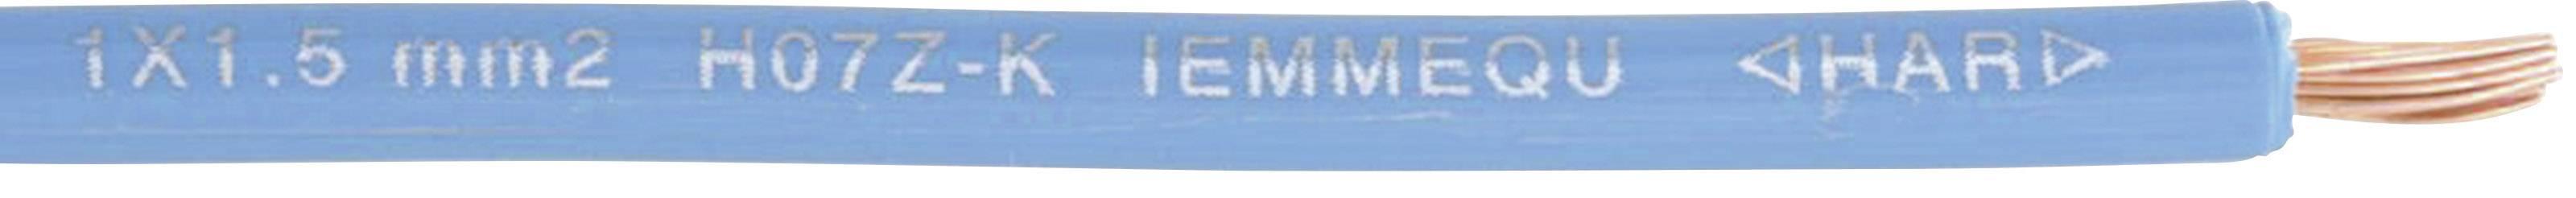 Pletenica H07Z-K 1 x 1.50 mm, rjava Faber Kabel 040266 100 m